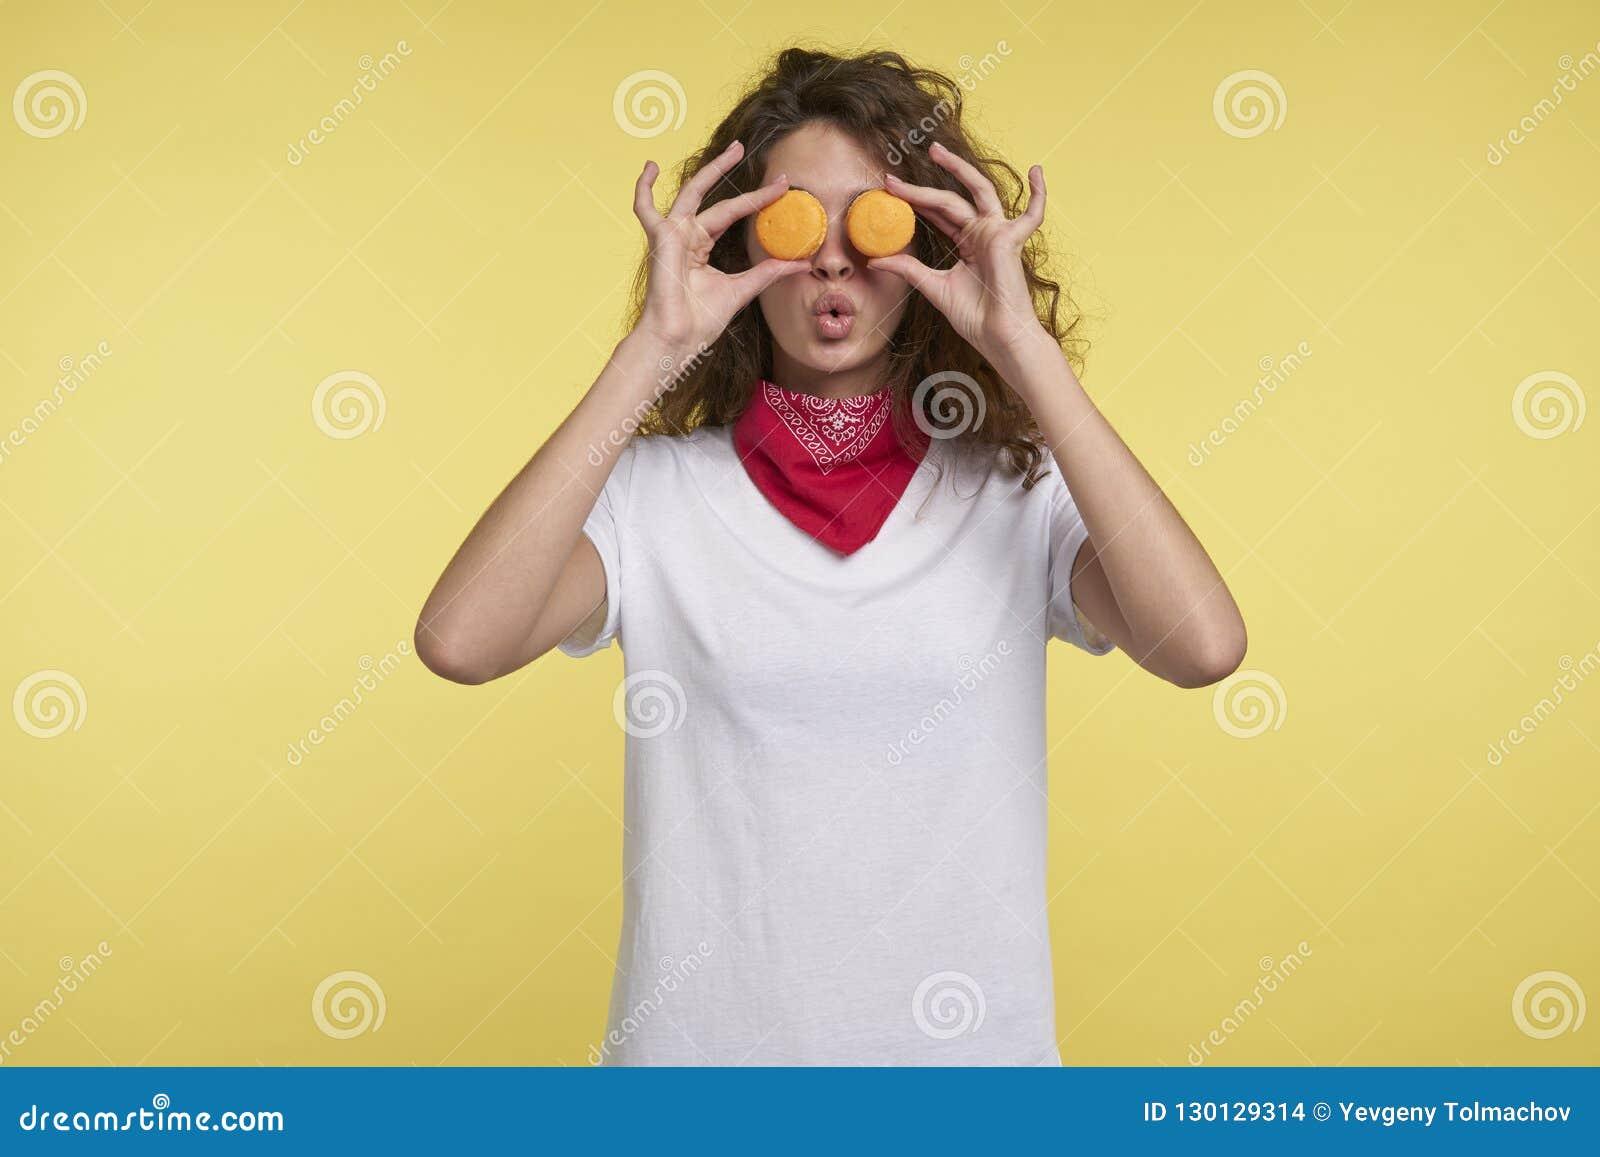 Jovem mulher engraçada que mantém bolinhos de amêndoa perto dos olhos, contra o fundo amarelo